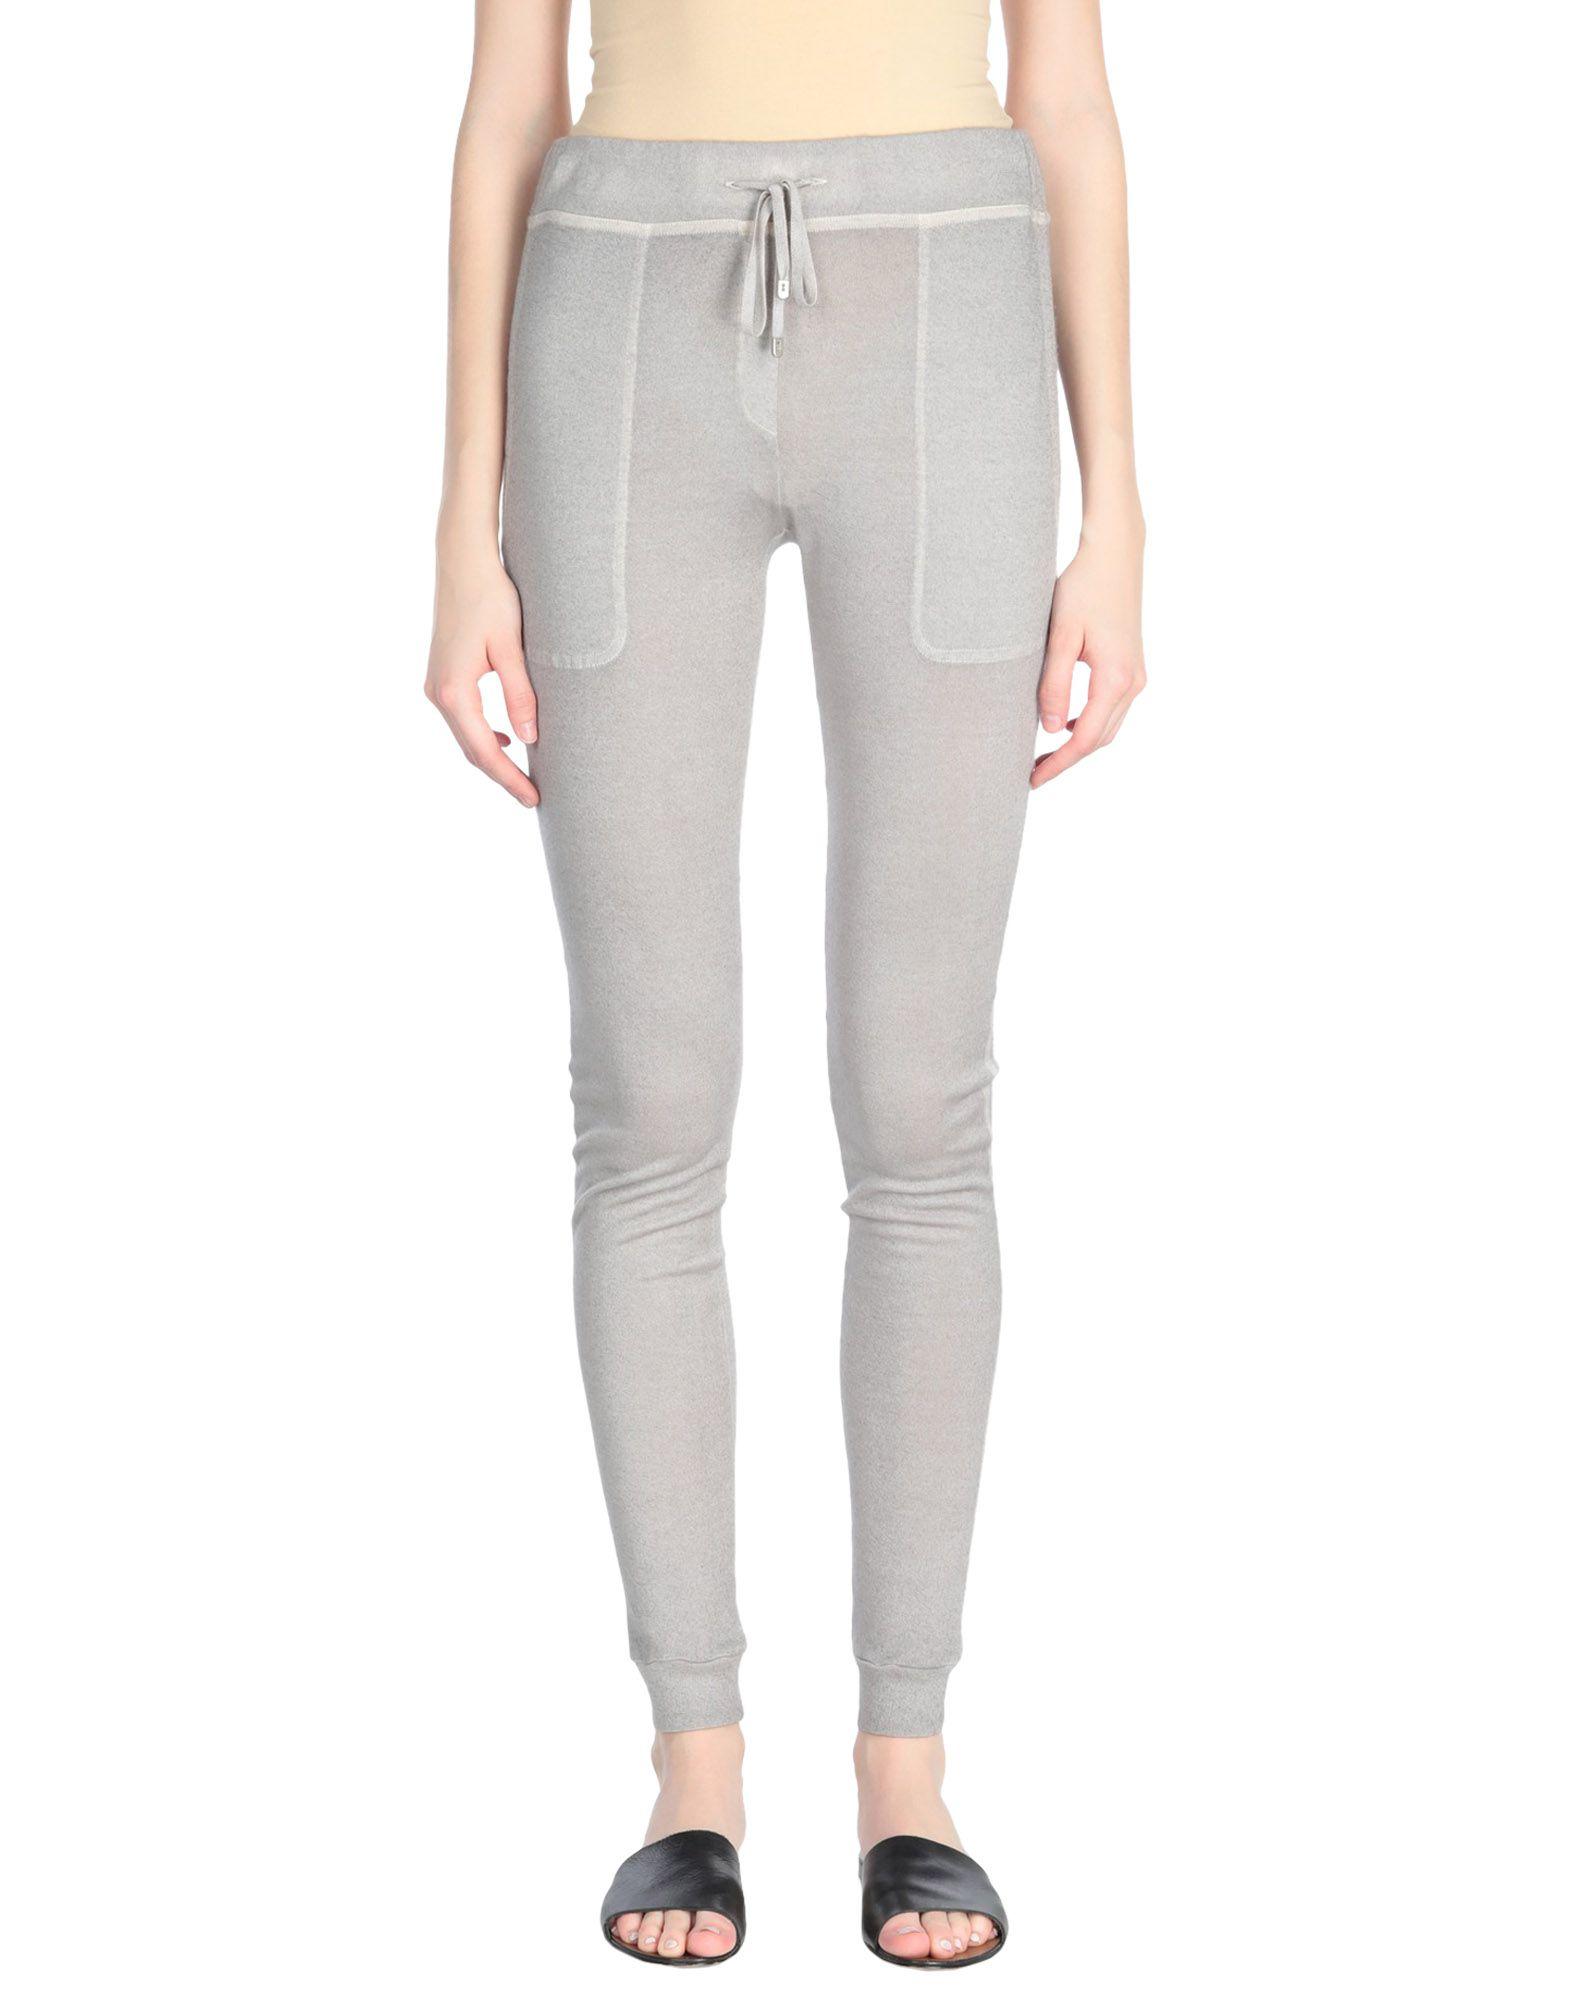 Pantalone Lorena Antoniazzi donna donna - 13311078PL  Gratisversand